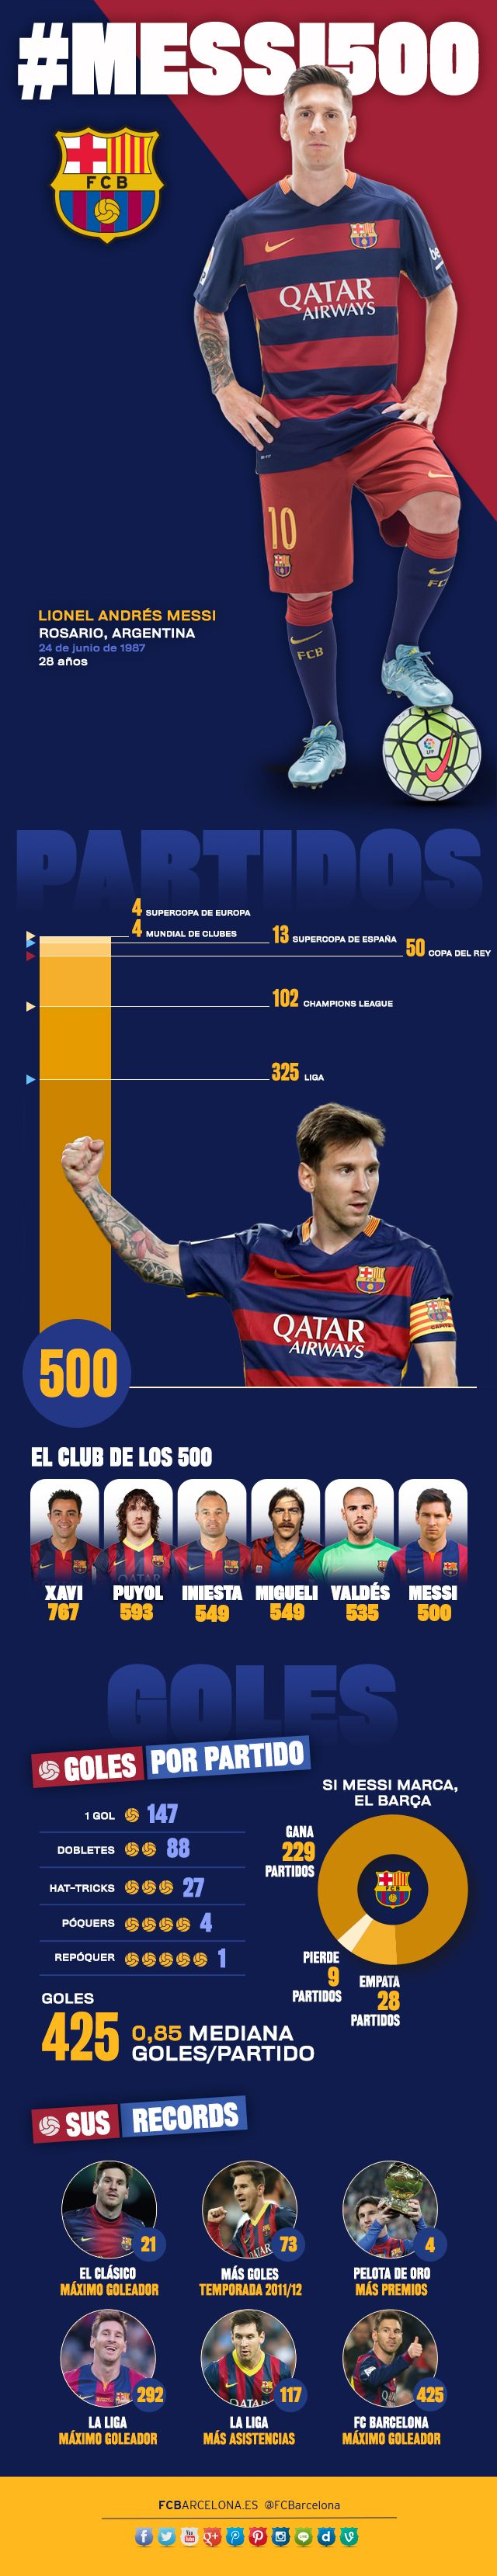 El infográfico de los 500 partidos de Leo Messi #FCBarcelona #Messi #MessiFCB…